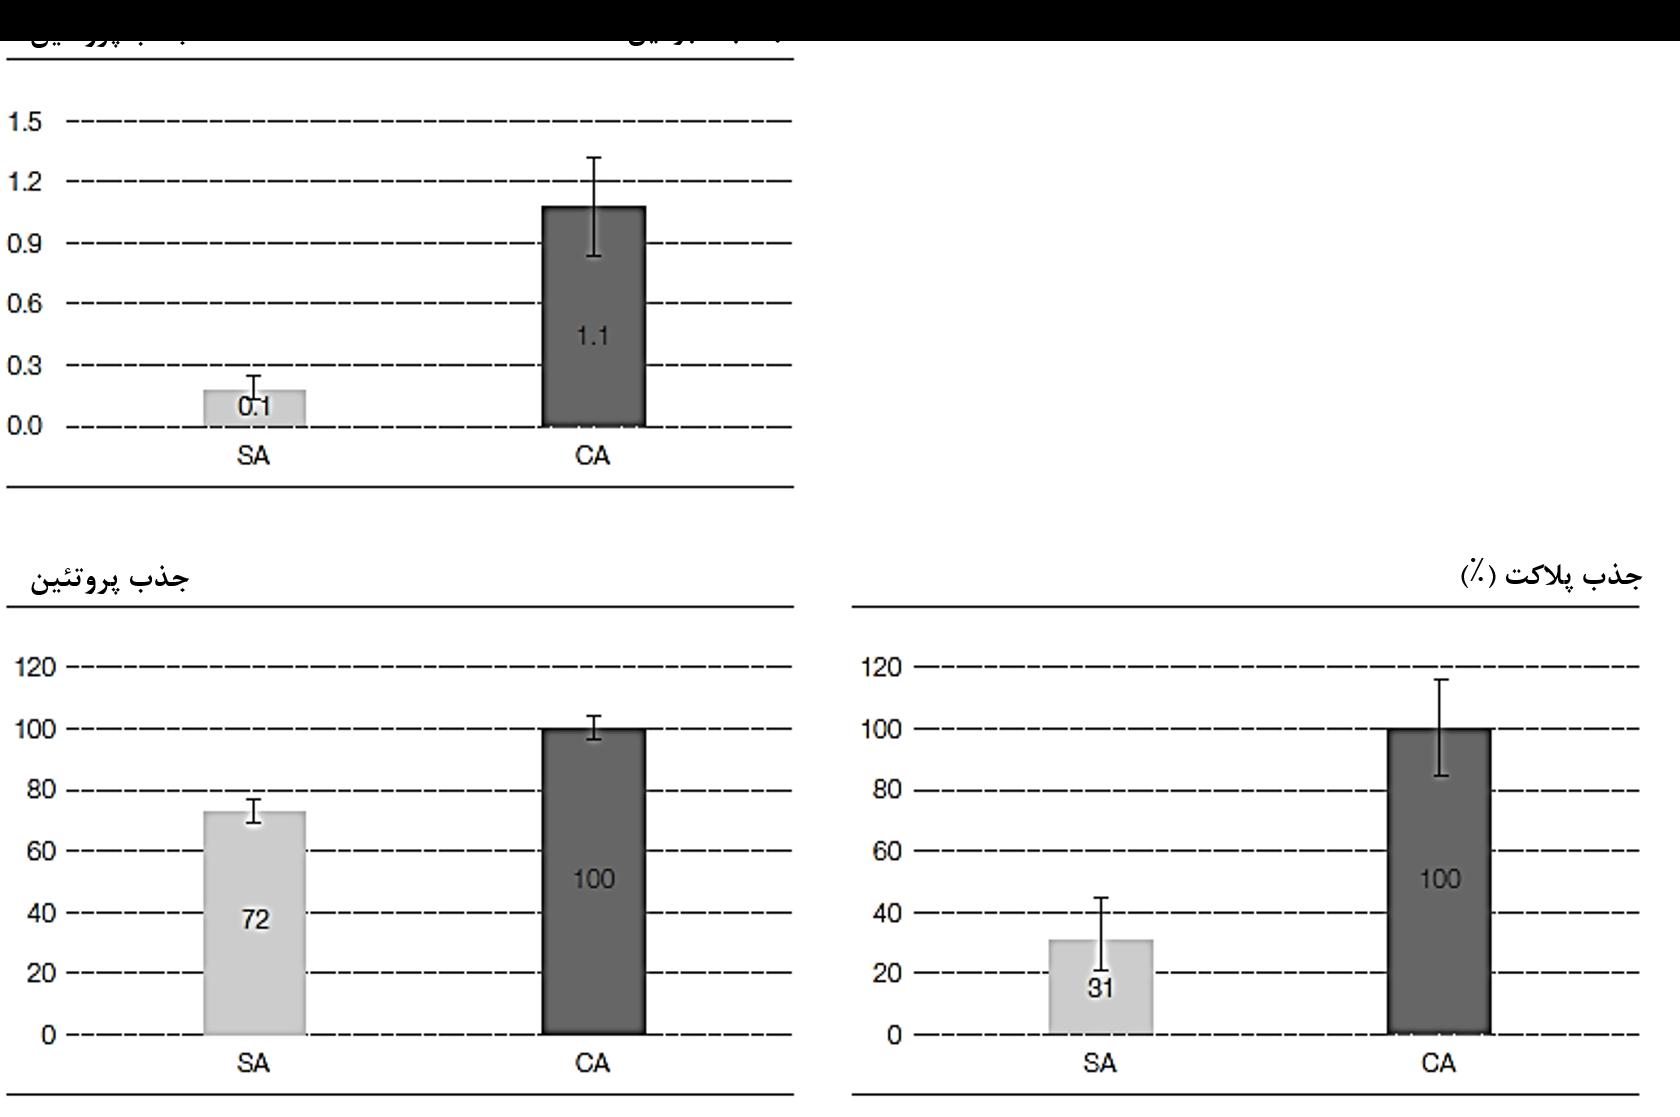 شکل1: میزان جذب پروتئین و پلاکت در سطوح CA بسیار بیشتر از سطوح SA است